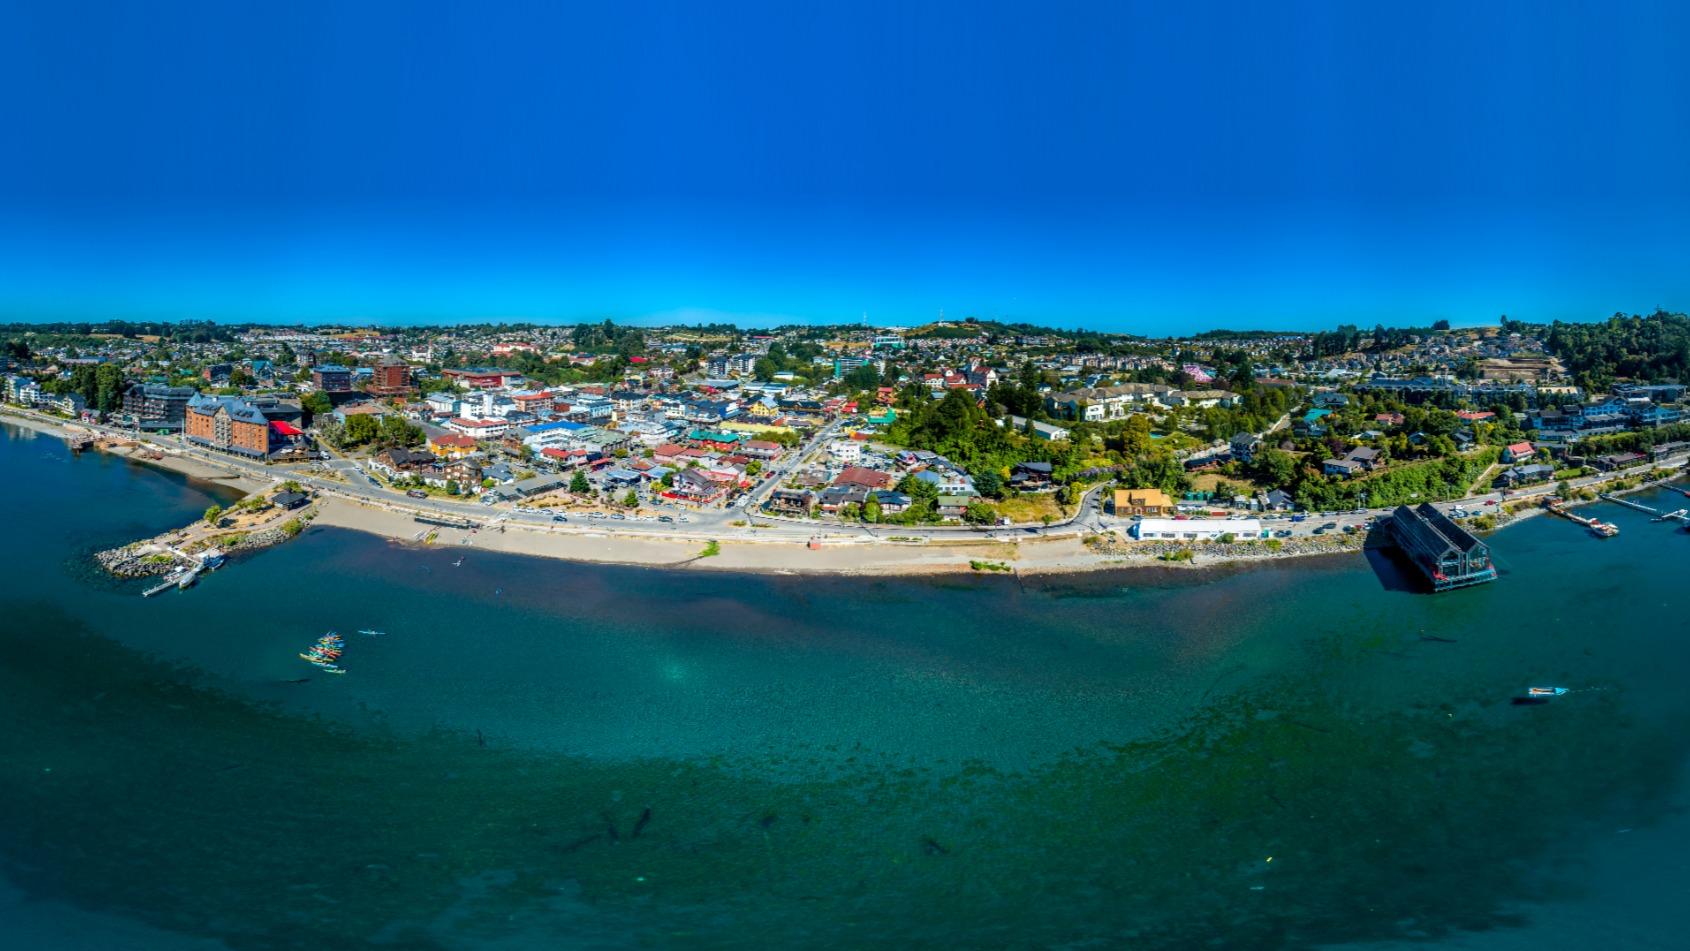 Puerto Varas Los Lagos